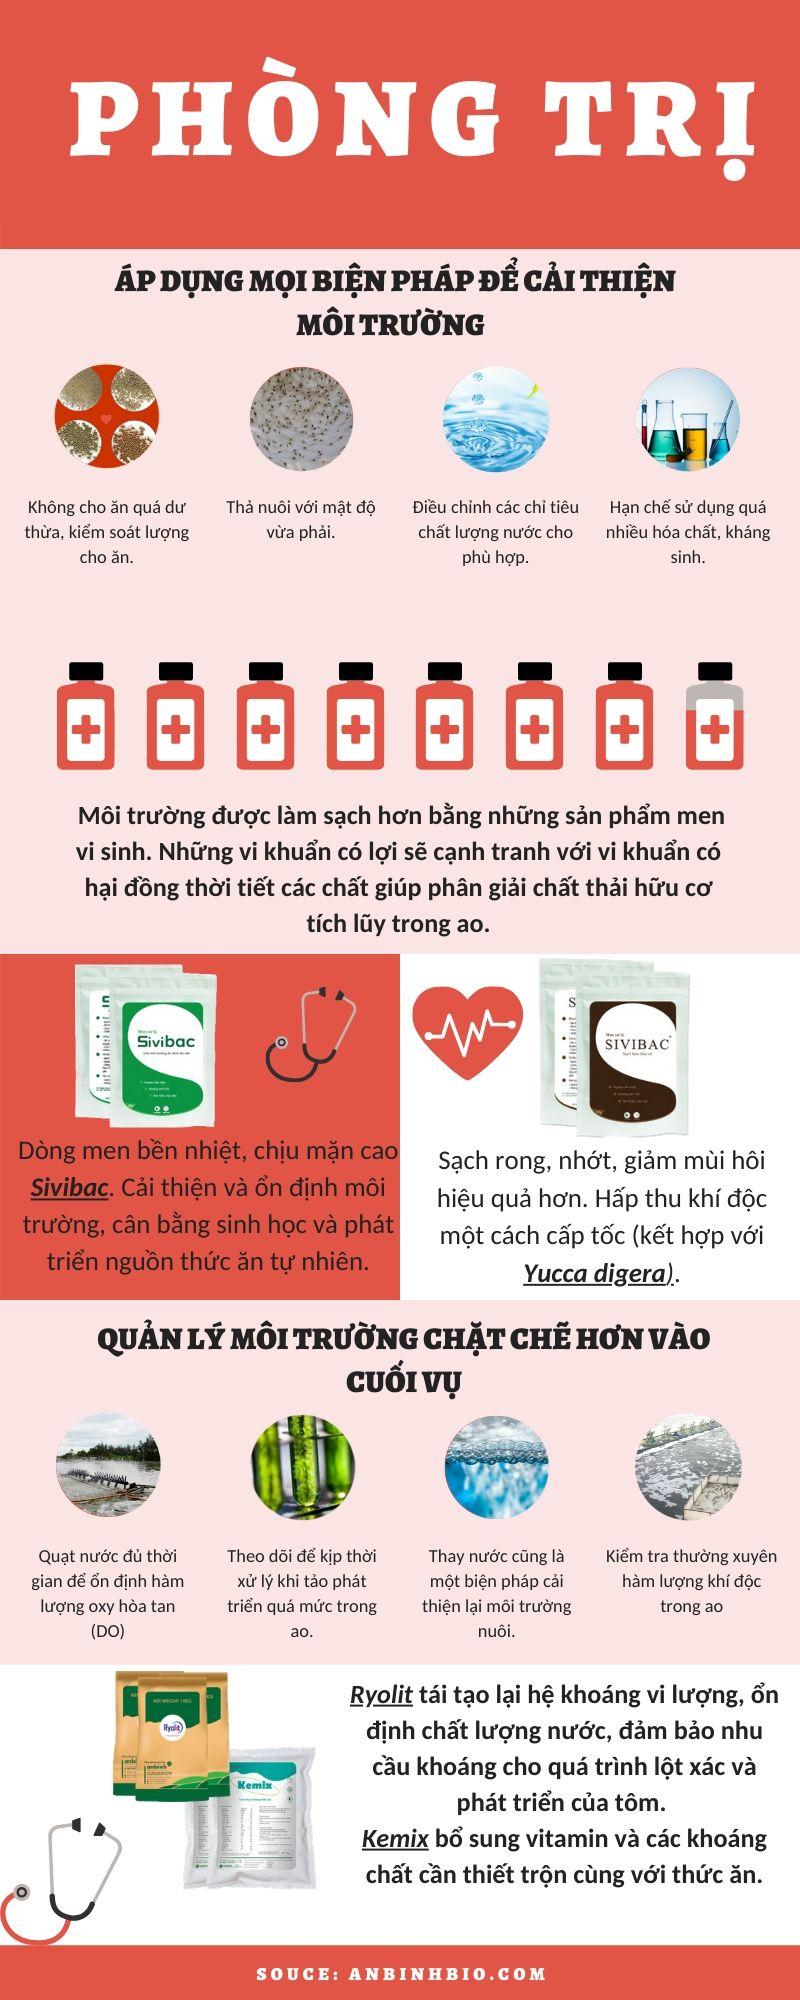 cách phòng trị bệnh đóng rong